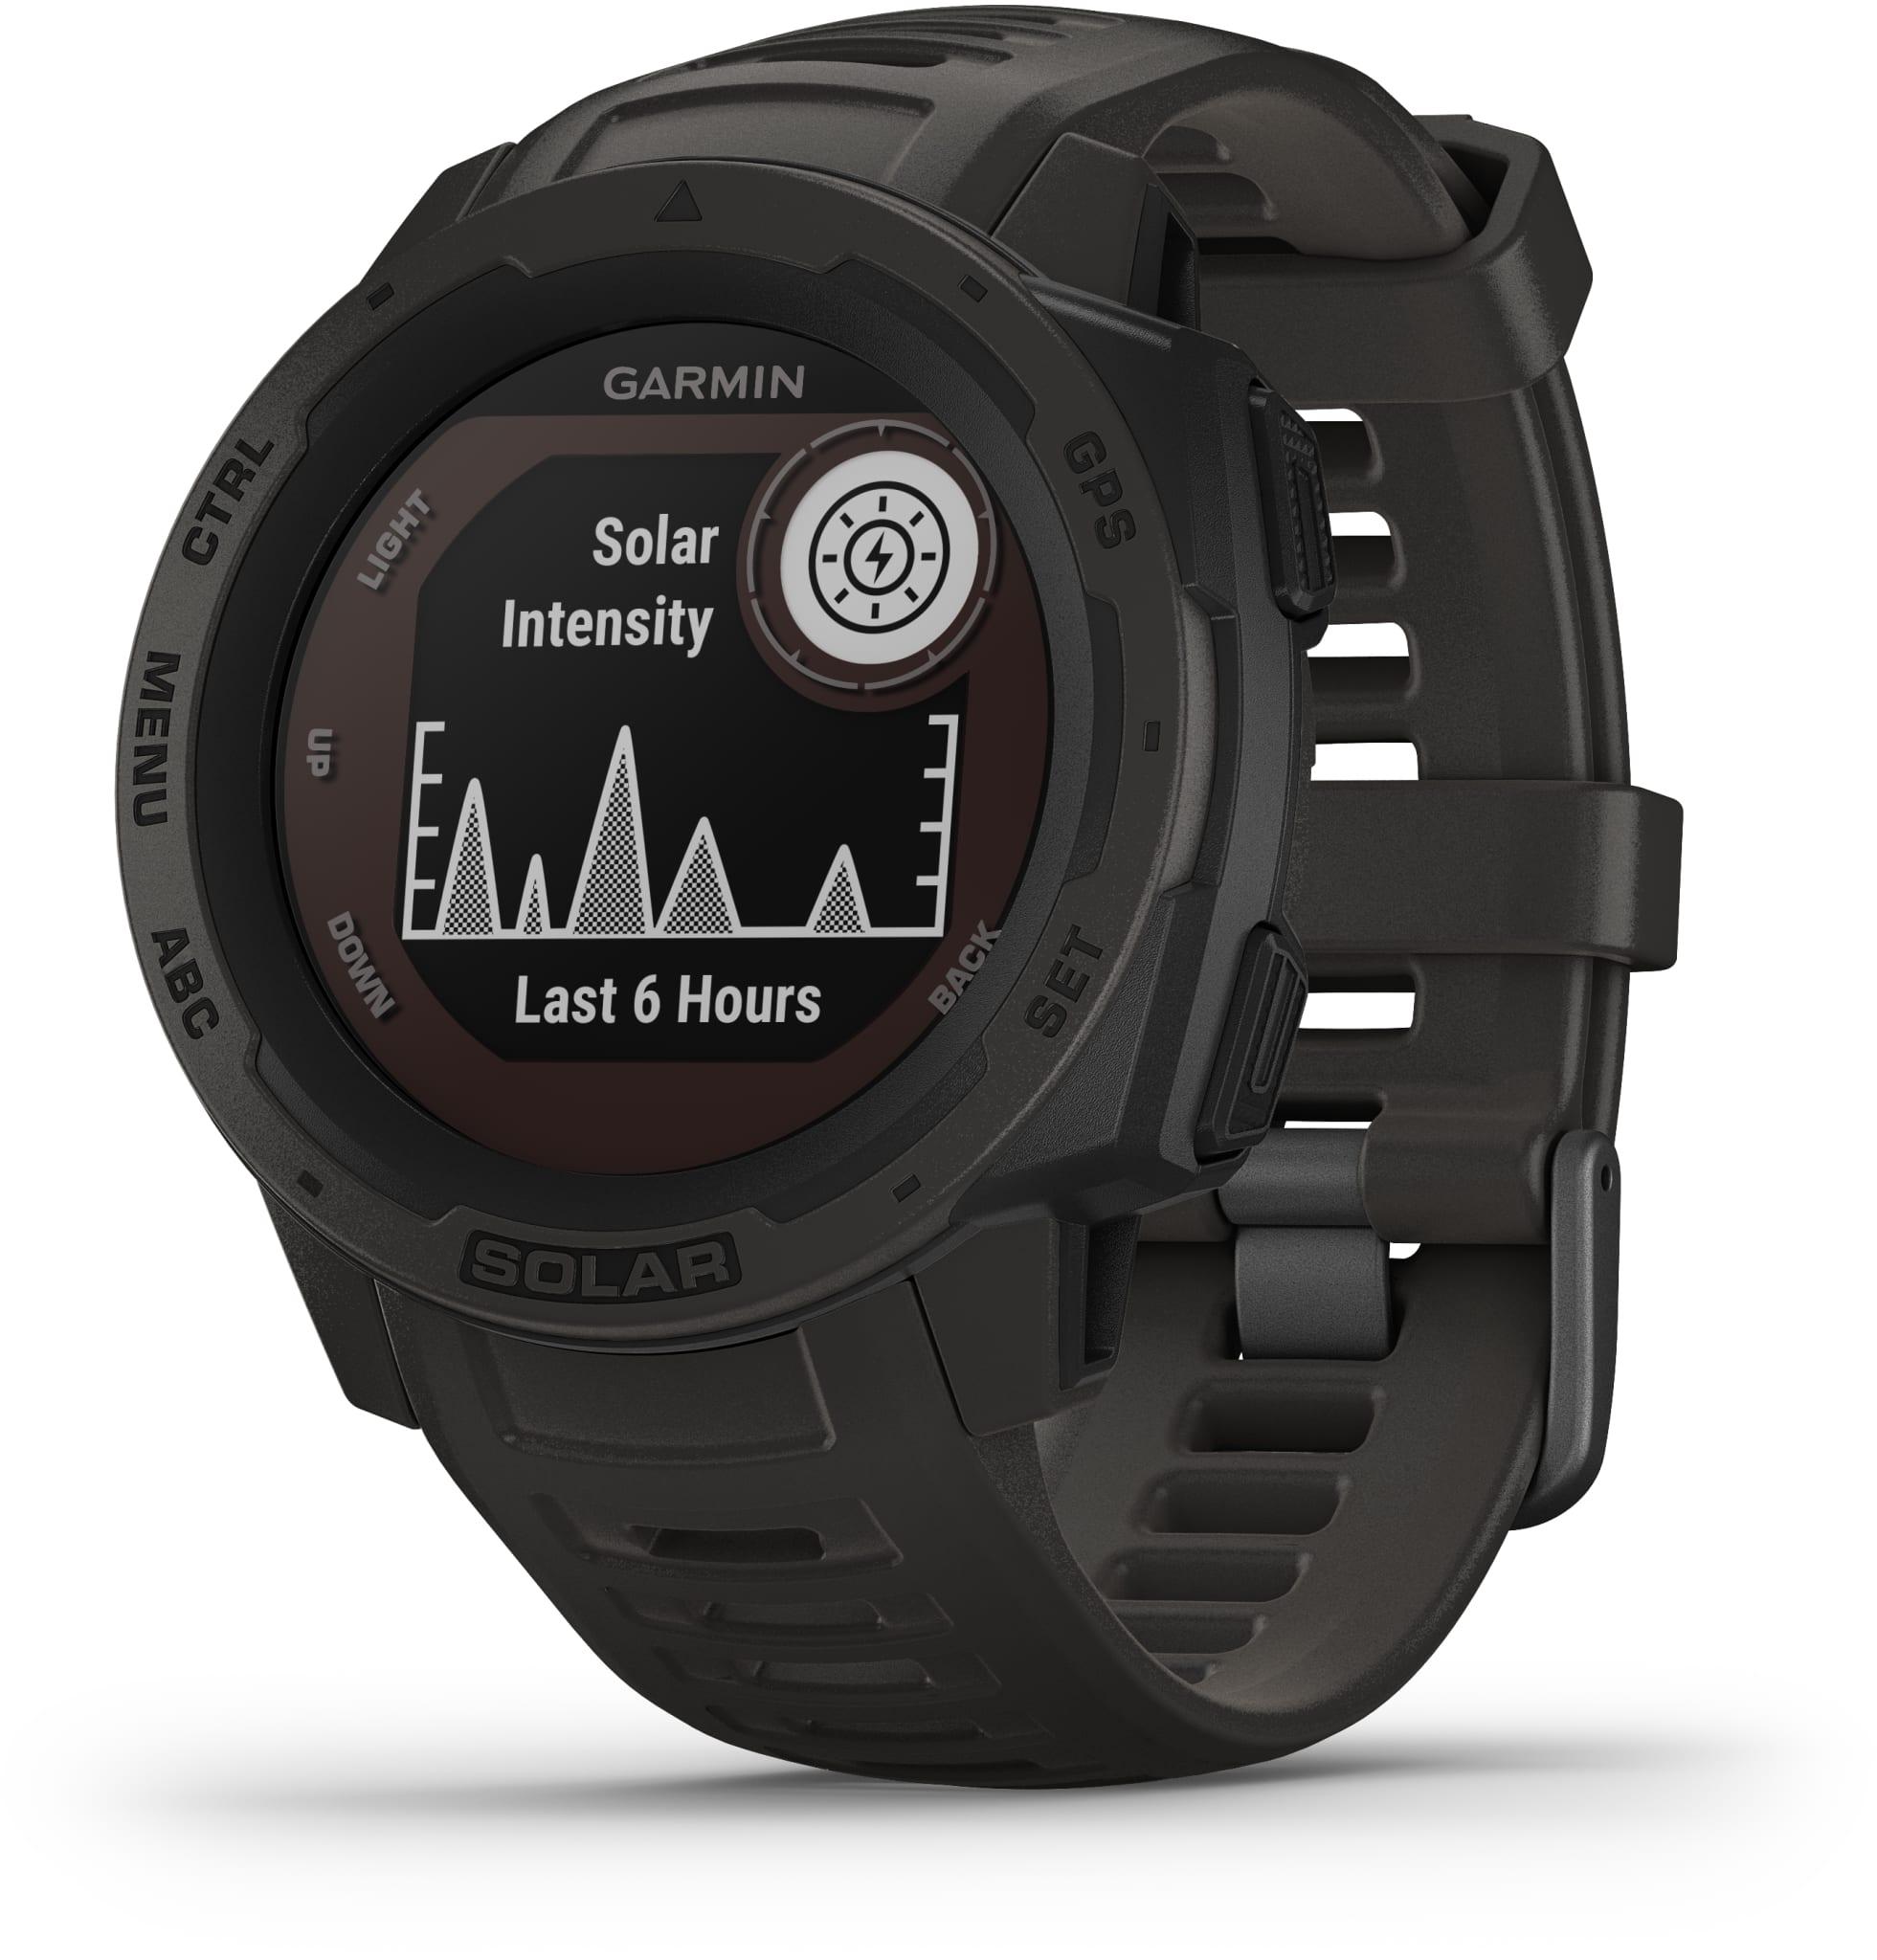 Garmin's mest robuste GPS klokke